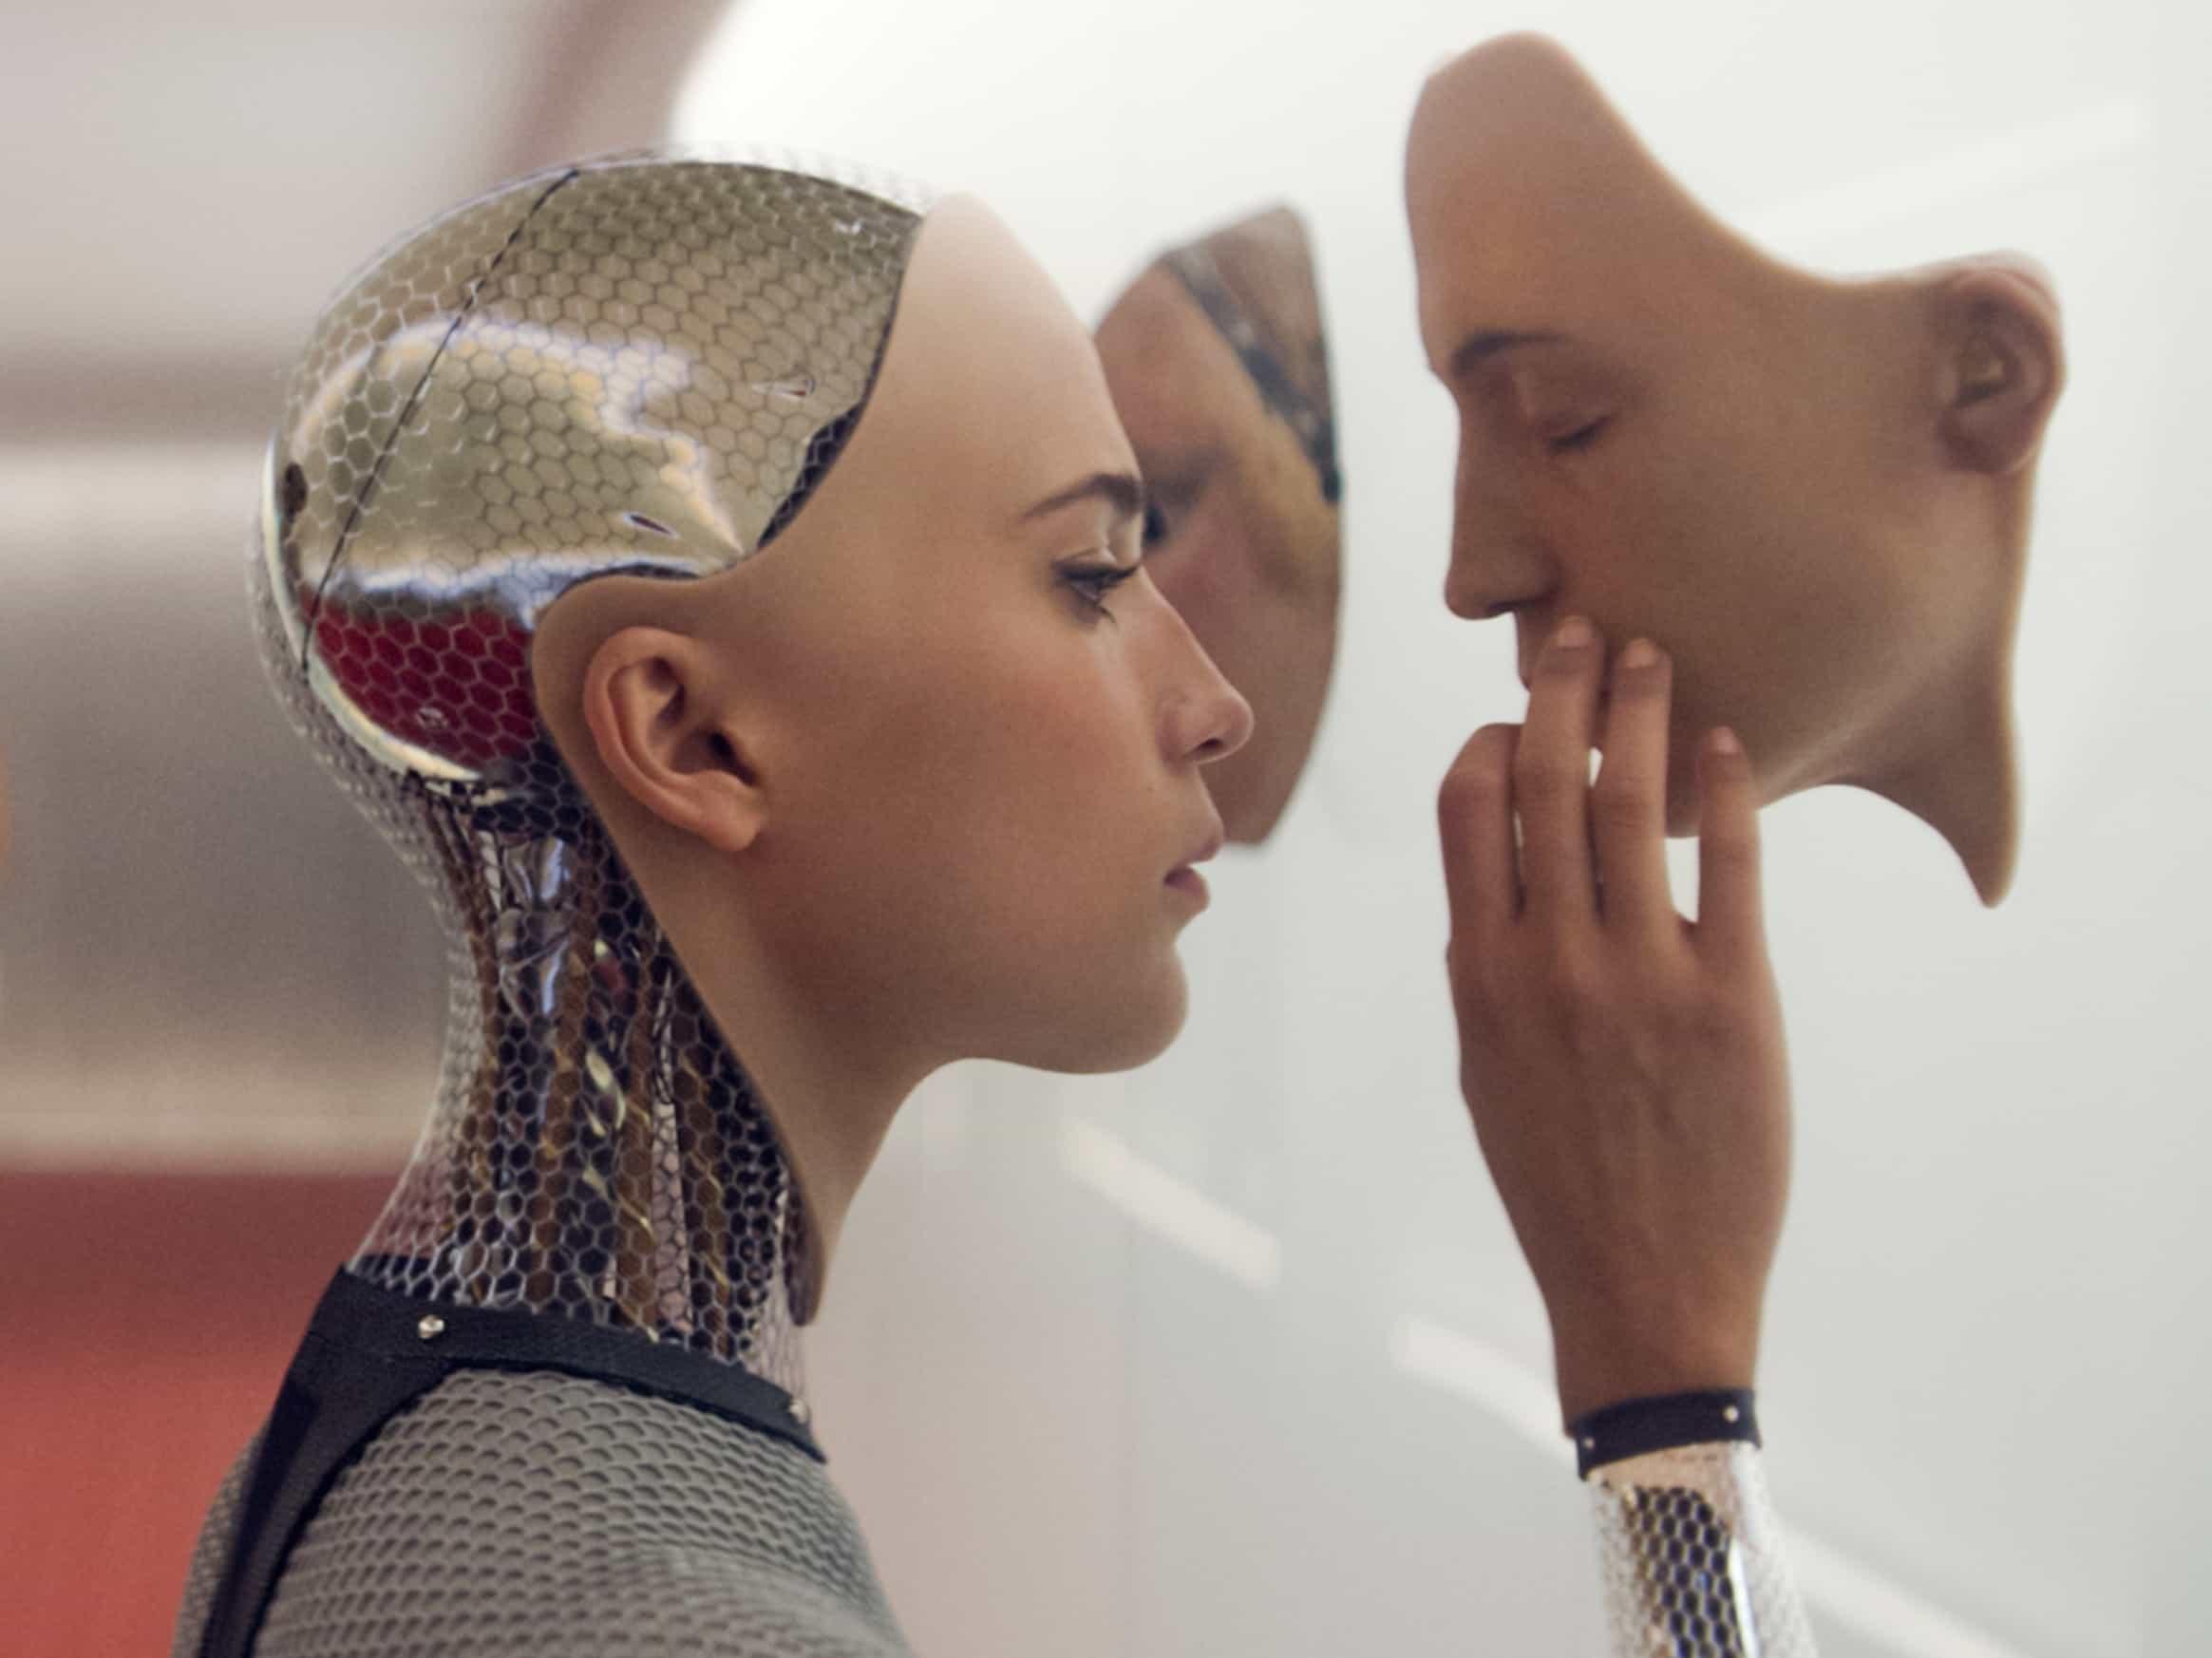 Смогут ли роботы когда-нибудь обрести сознание?